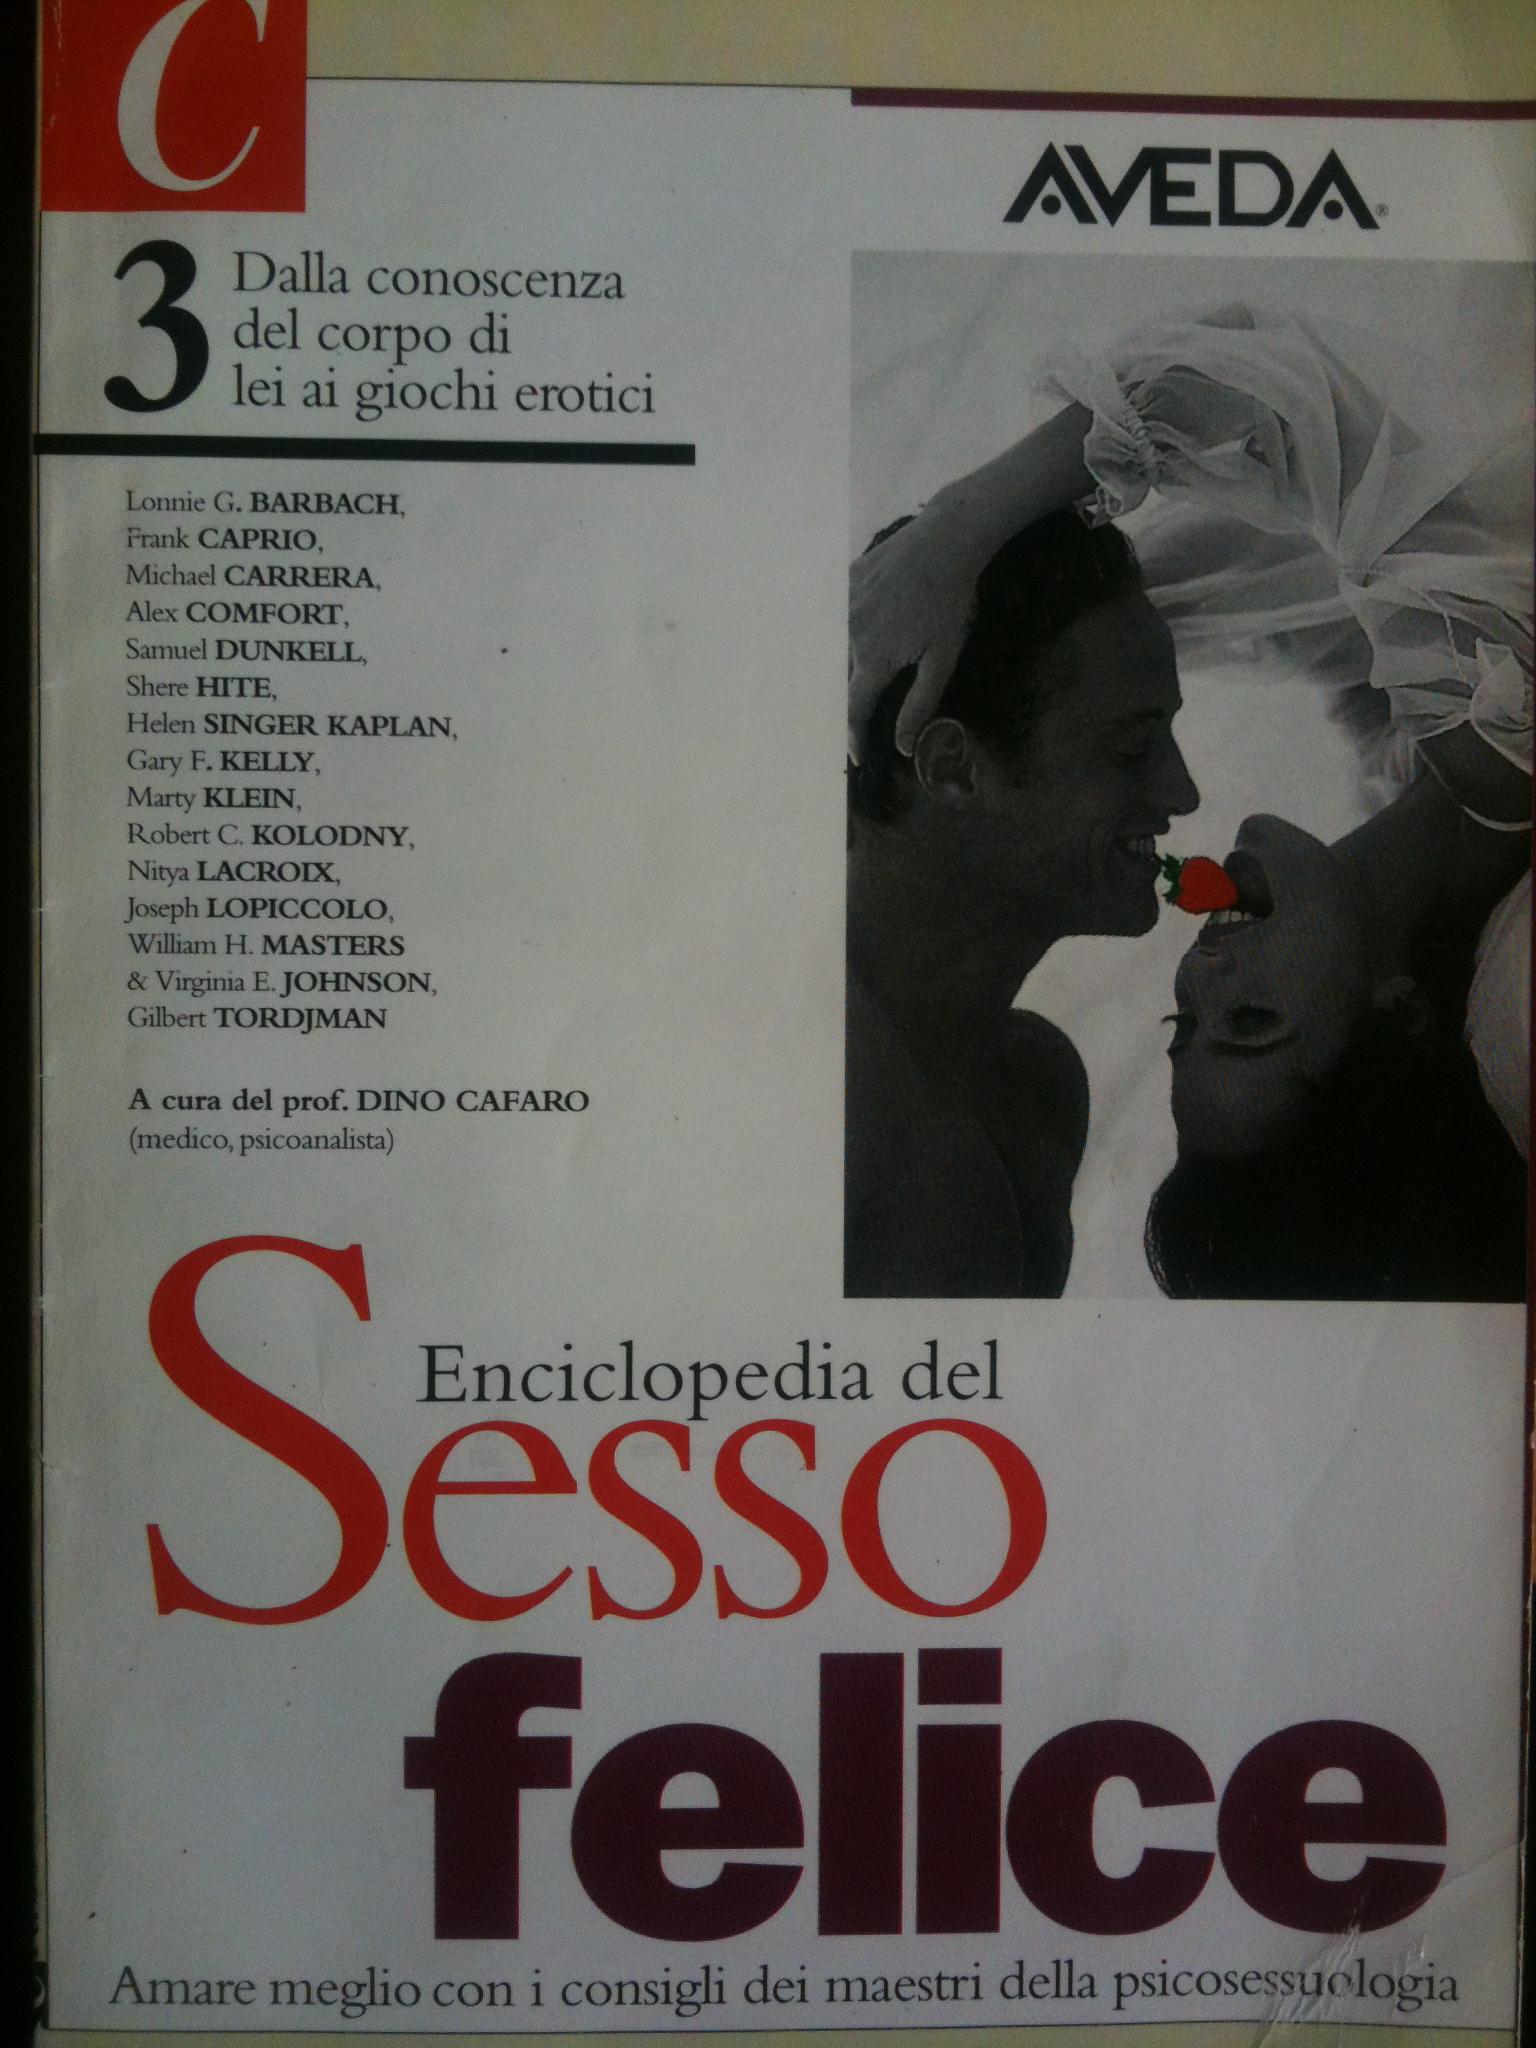 Enciclopedia del Sesso Felice: amare meglio con i consigli dei maestri della psicosessuologia - Vol. 3